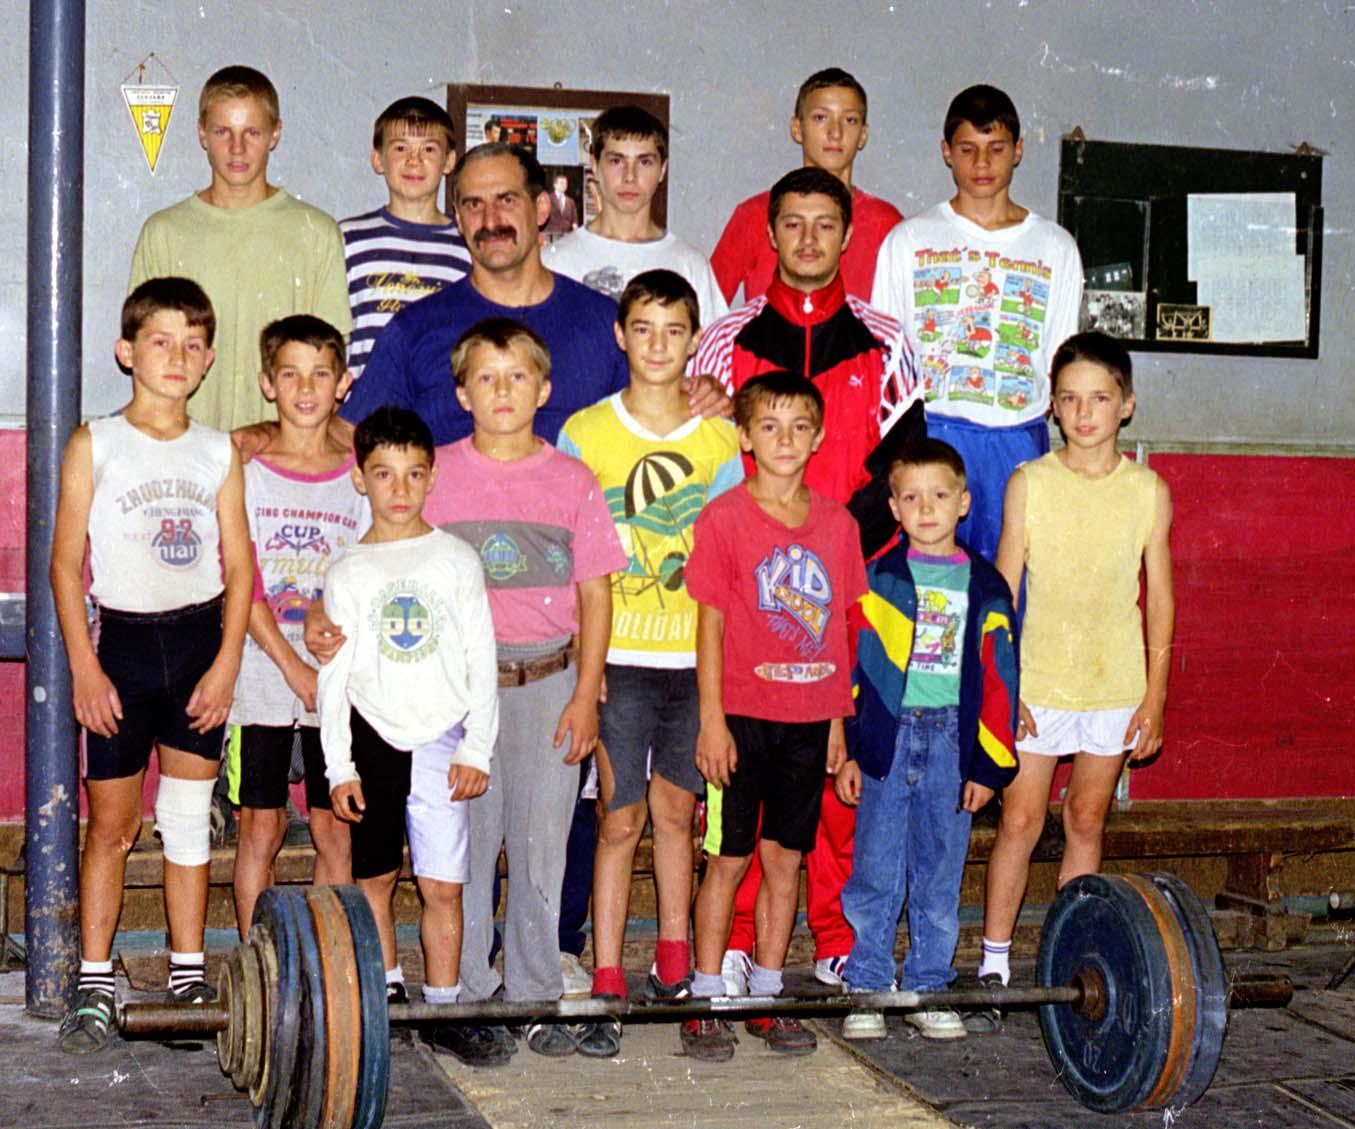 Trei dintre cei patru medaliați olimpici clujeni la haltere, într-o fotografie de colecție din 1999, făcută în sala Clujana. Antrenorul Ștefan Tasnadi (foto centru), Răzvan Martin și Gabriel Sîncrăian (al treilea, respectiv l patrulea, rândul din față, de la stânga la dreapta): Foto: Dan Bodea